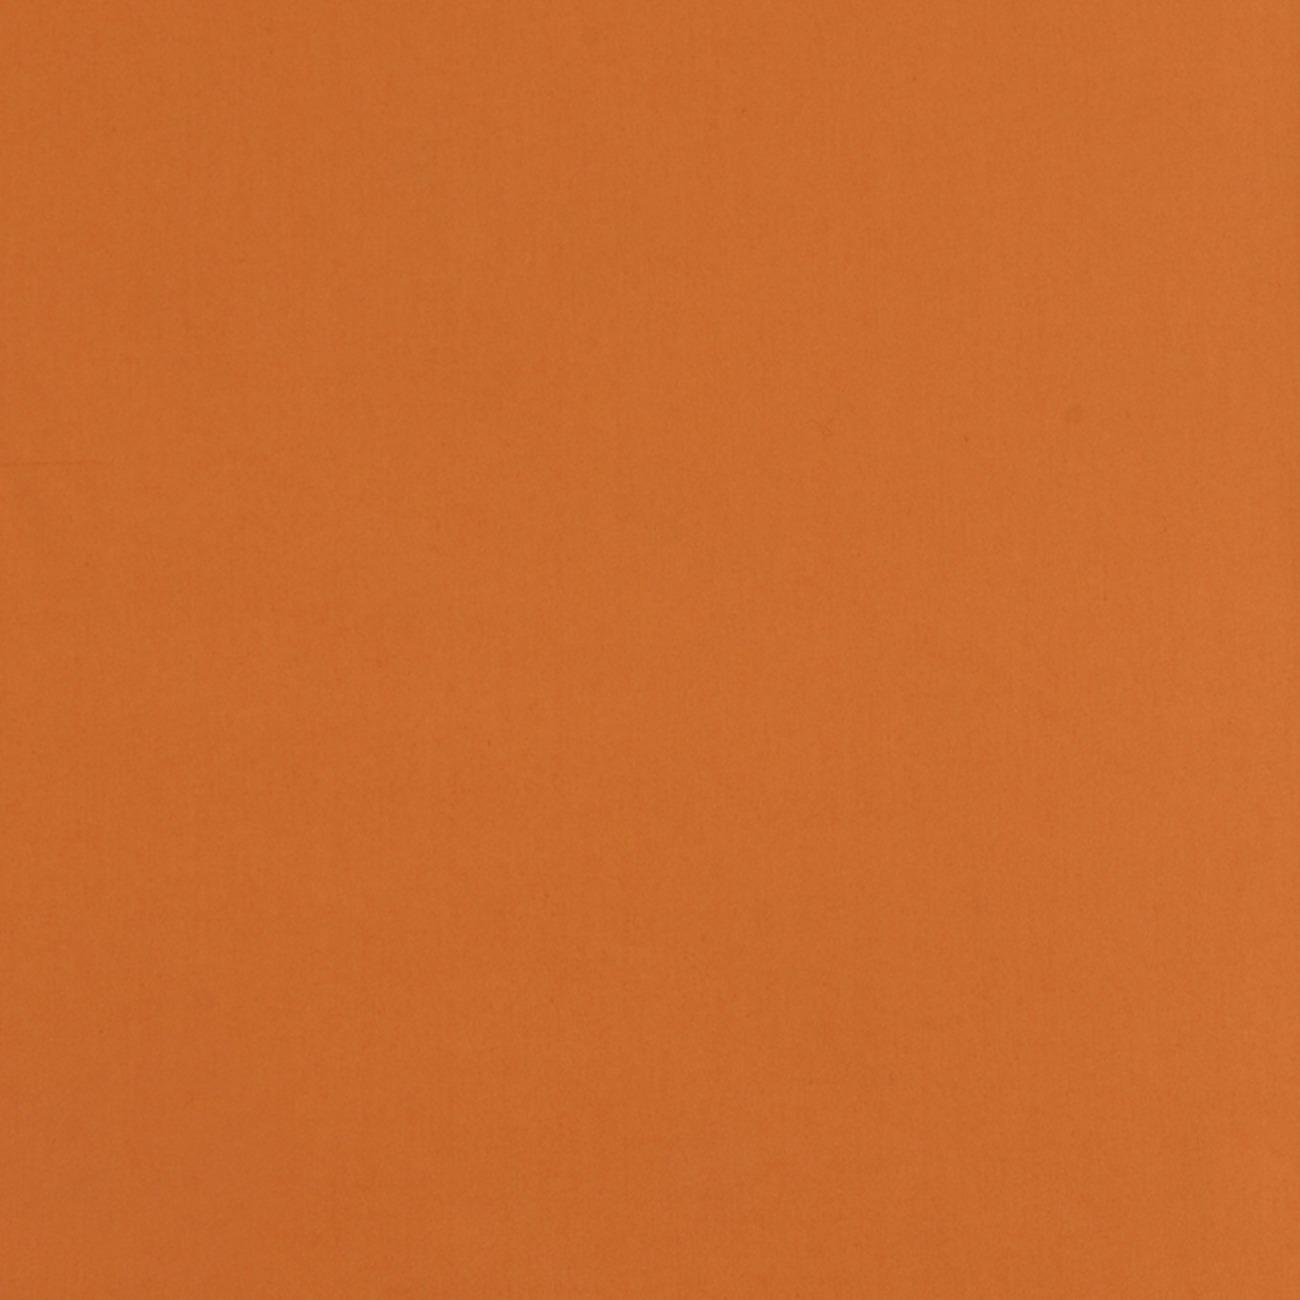 期貨 素色斜紋柔軟外套連衣裙 短裙 低彈 春夏 風衣 連衣裙 褲 61219-50